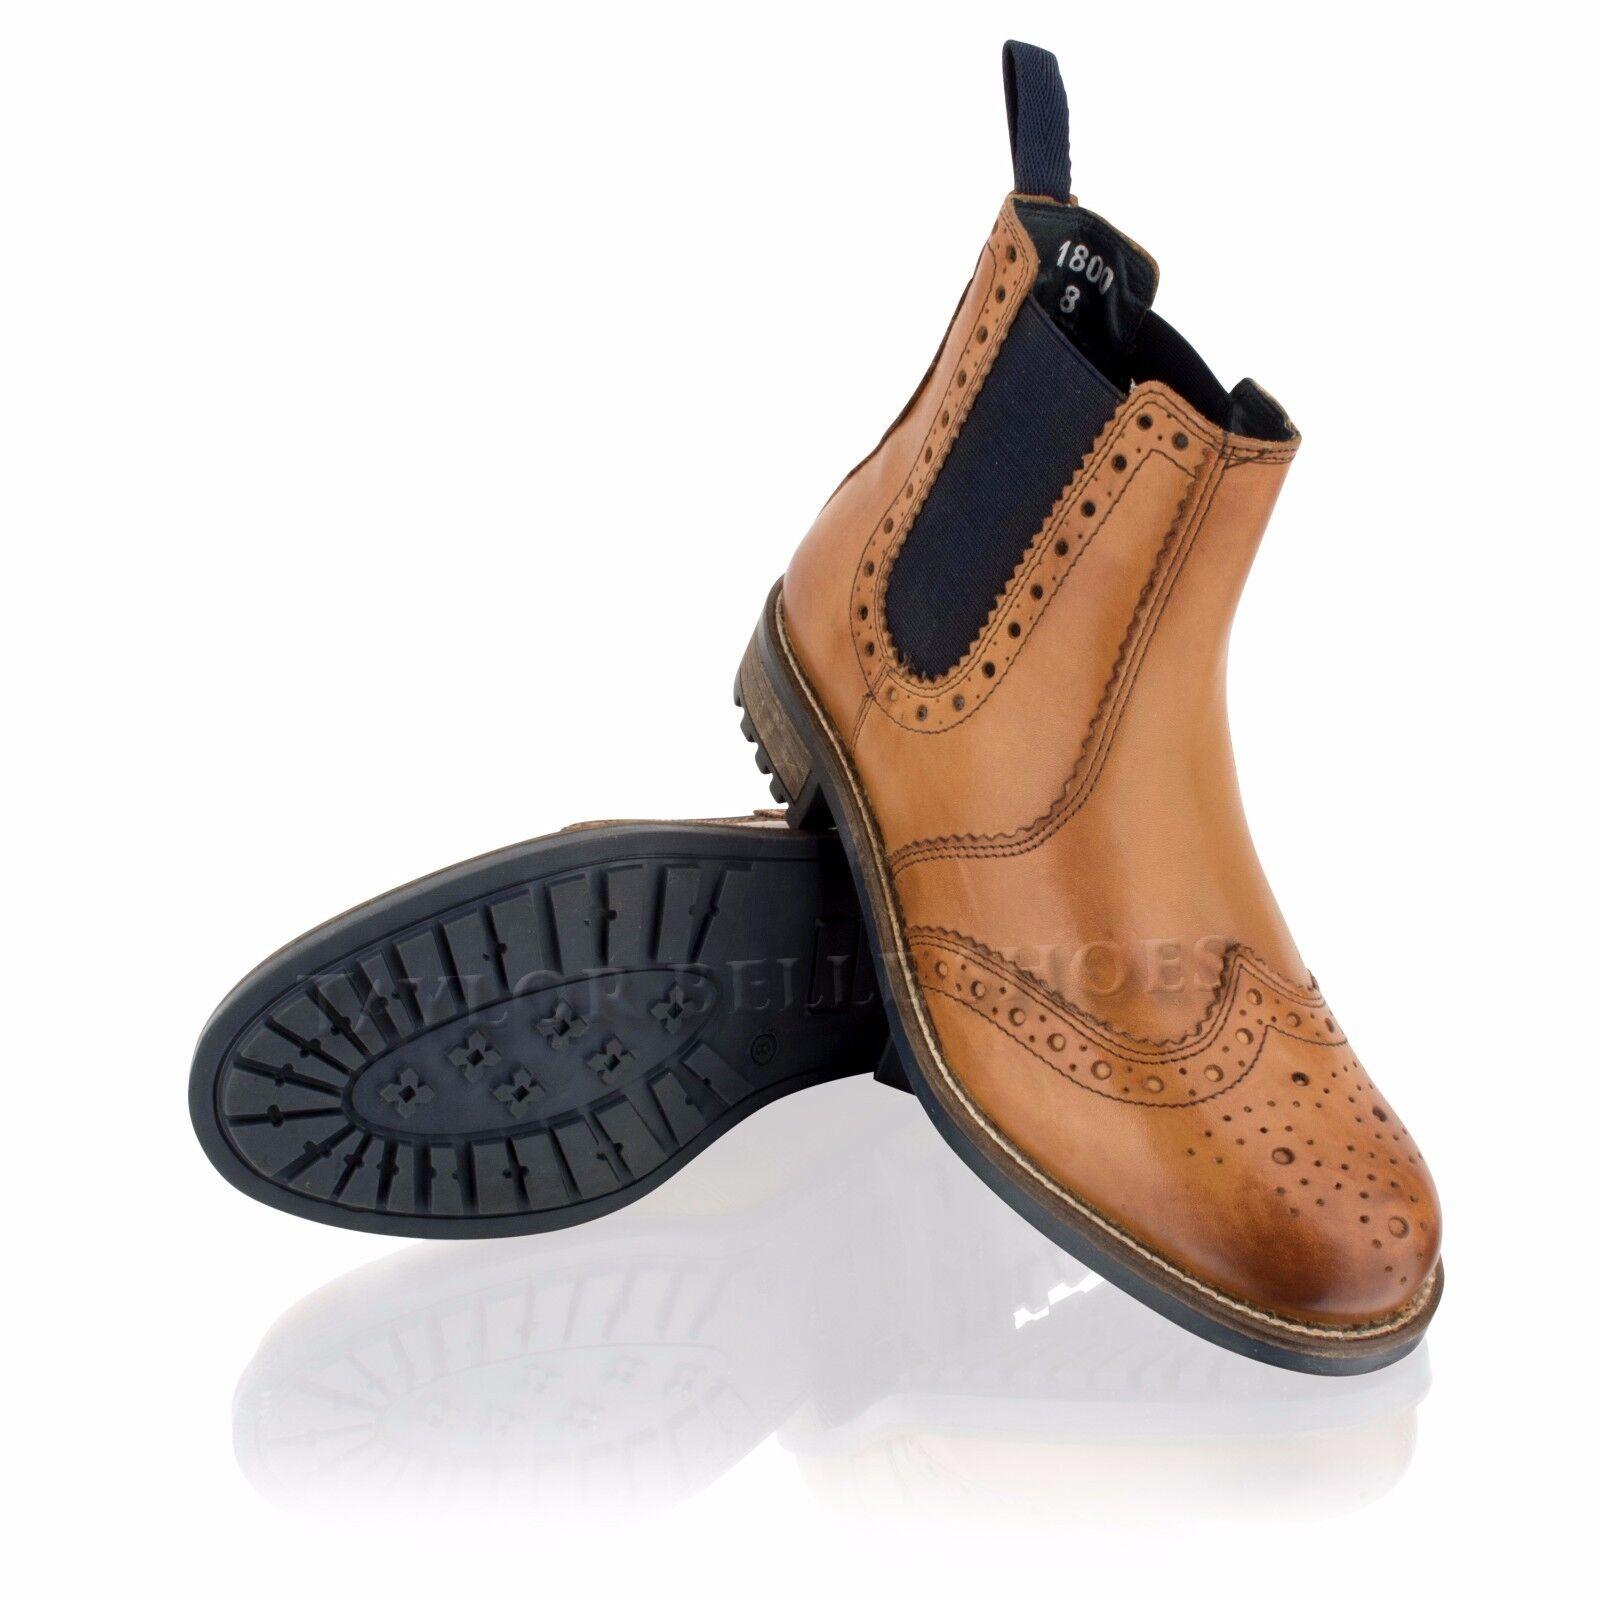 Da Uomo in Pelle CALATA Rivenditore Chelsea Casual Eleganti Scarpe Alla Caviglia Marrone Stivali Scarpe Eleganti 0c5f43